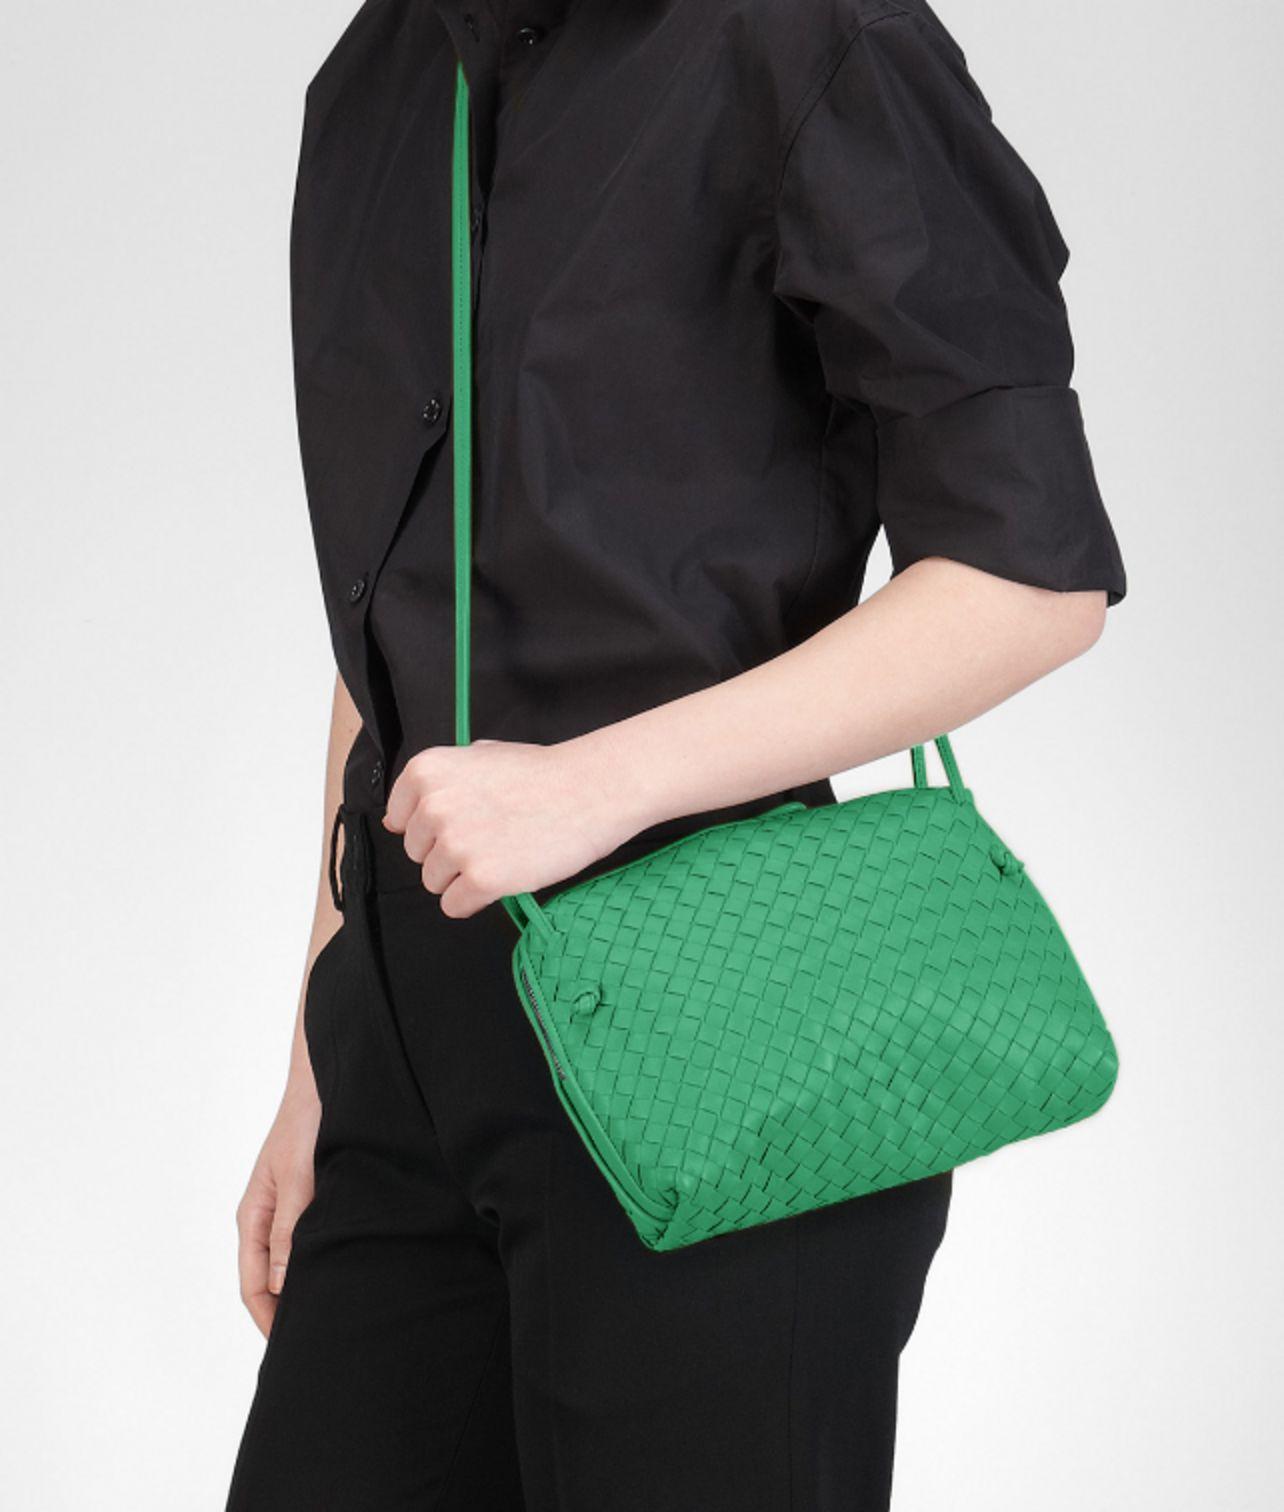 Bottega veneta Tr  fle Intrecciato Nappa Cross Body Bag in Green . 0caeb6ca45036